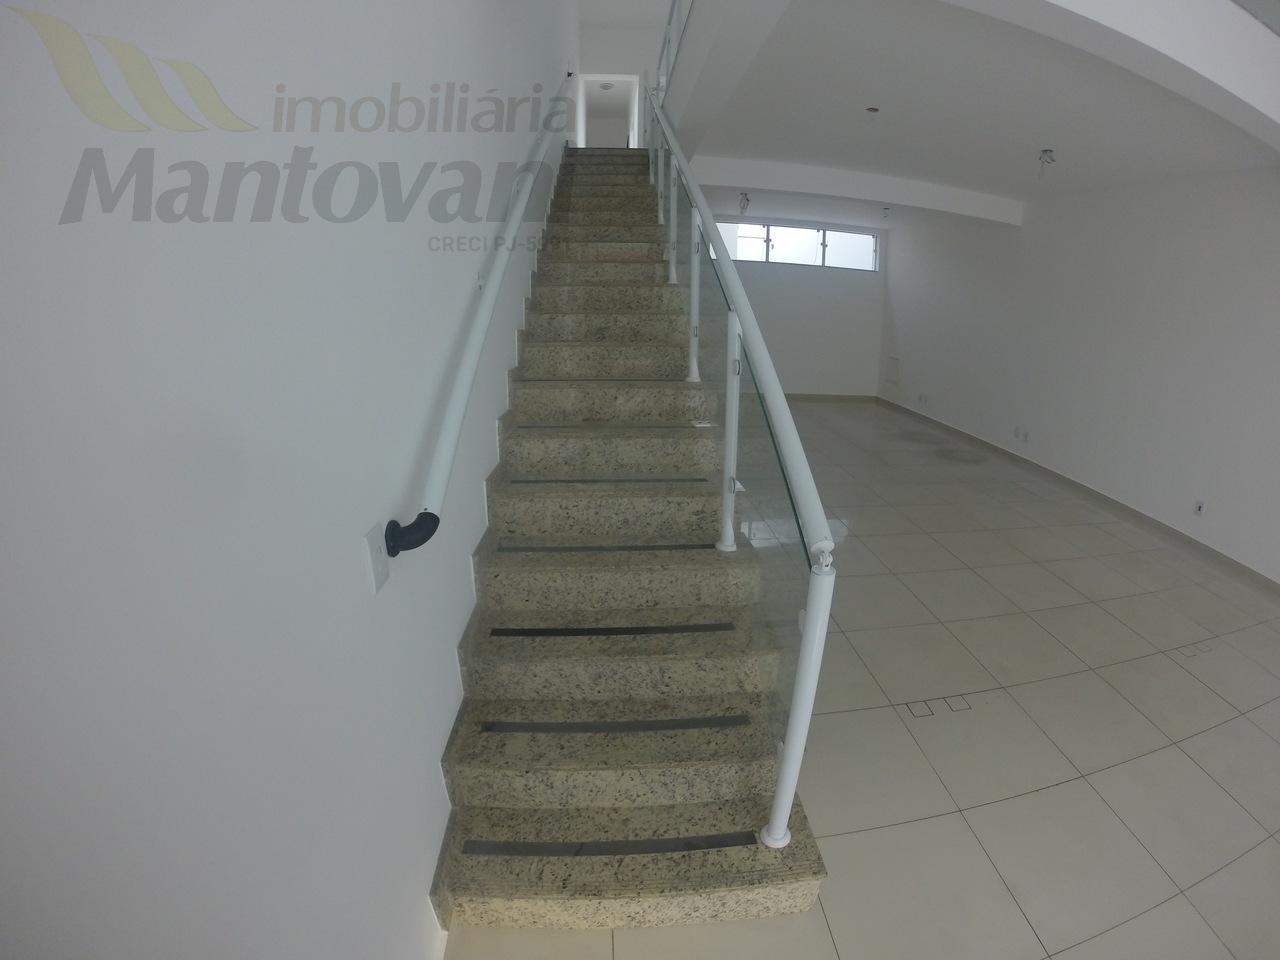 Escada com barra de segurança